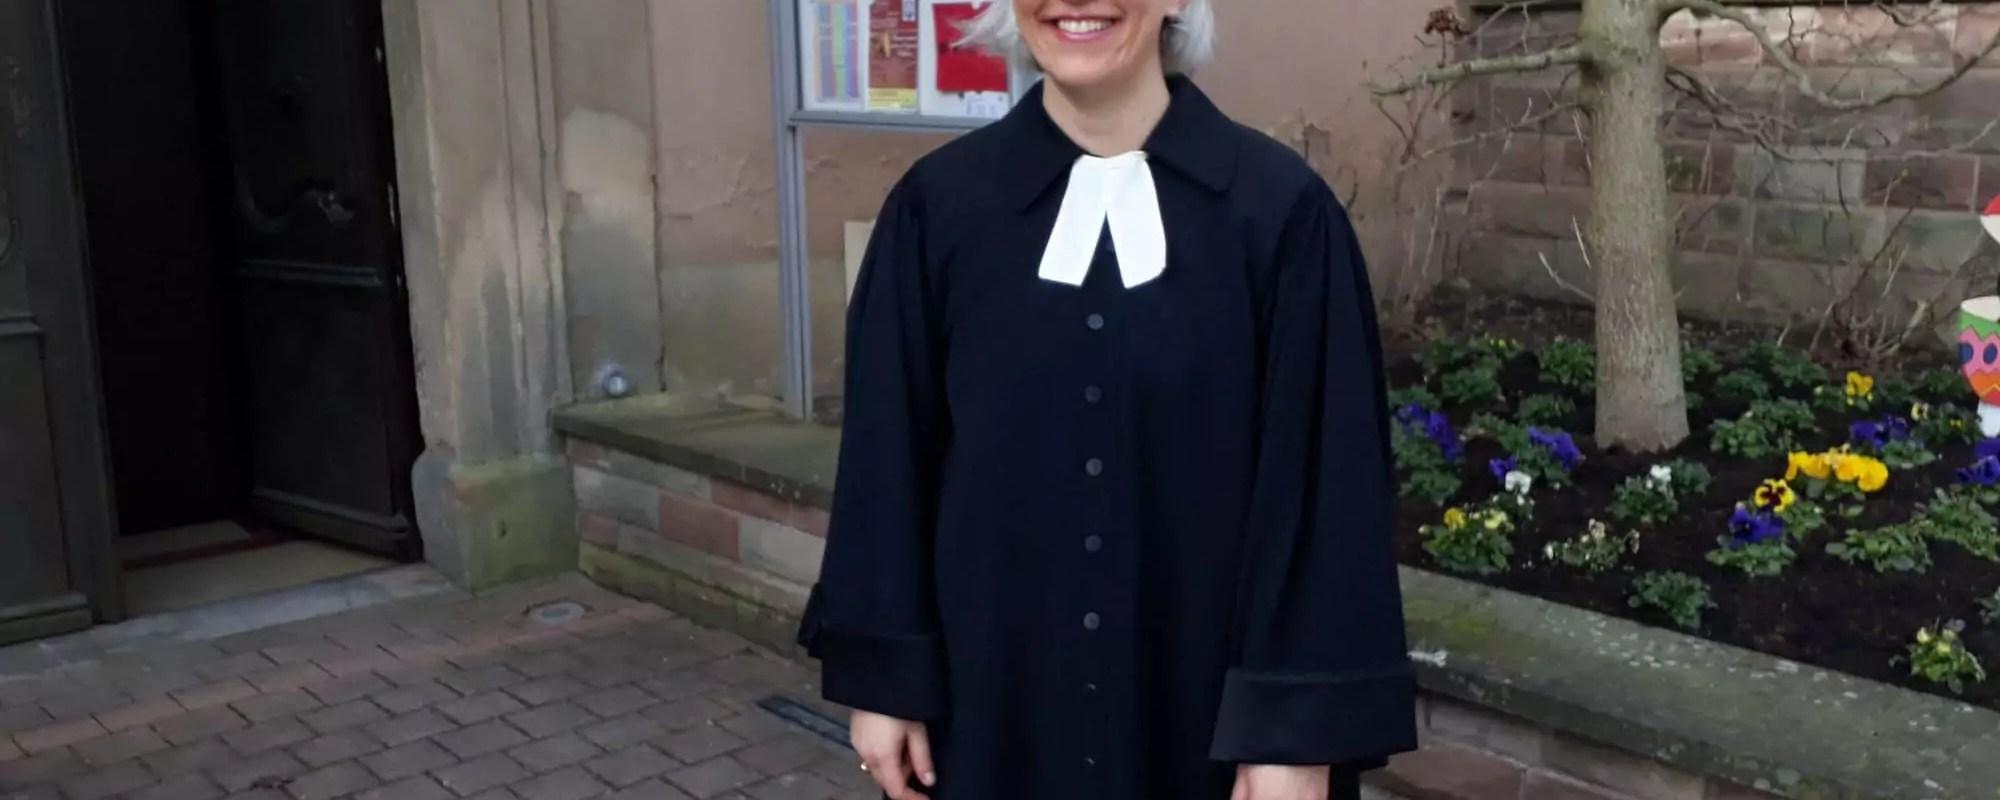 Caroline, la pasteure pour qui la Bible commande d'être contre le GCO